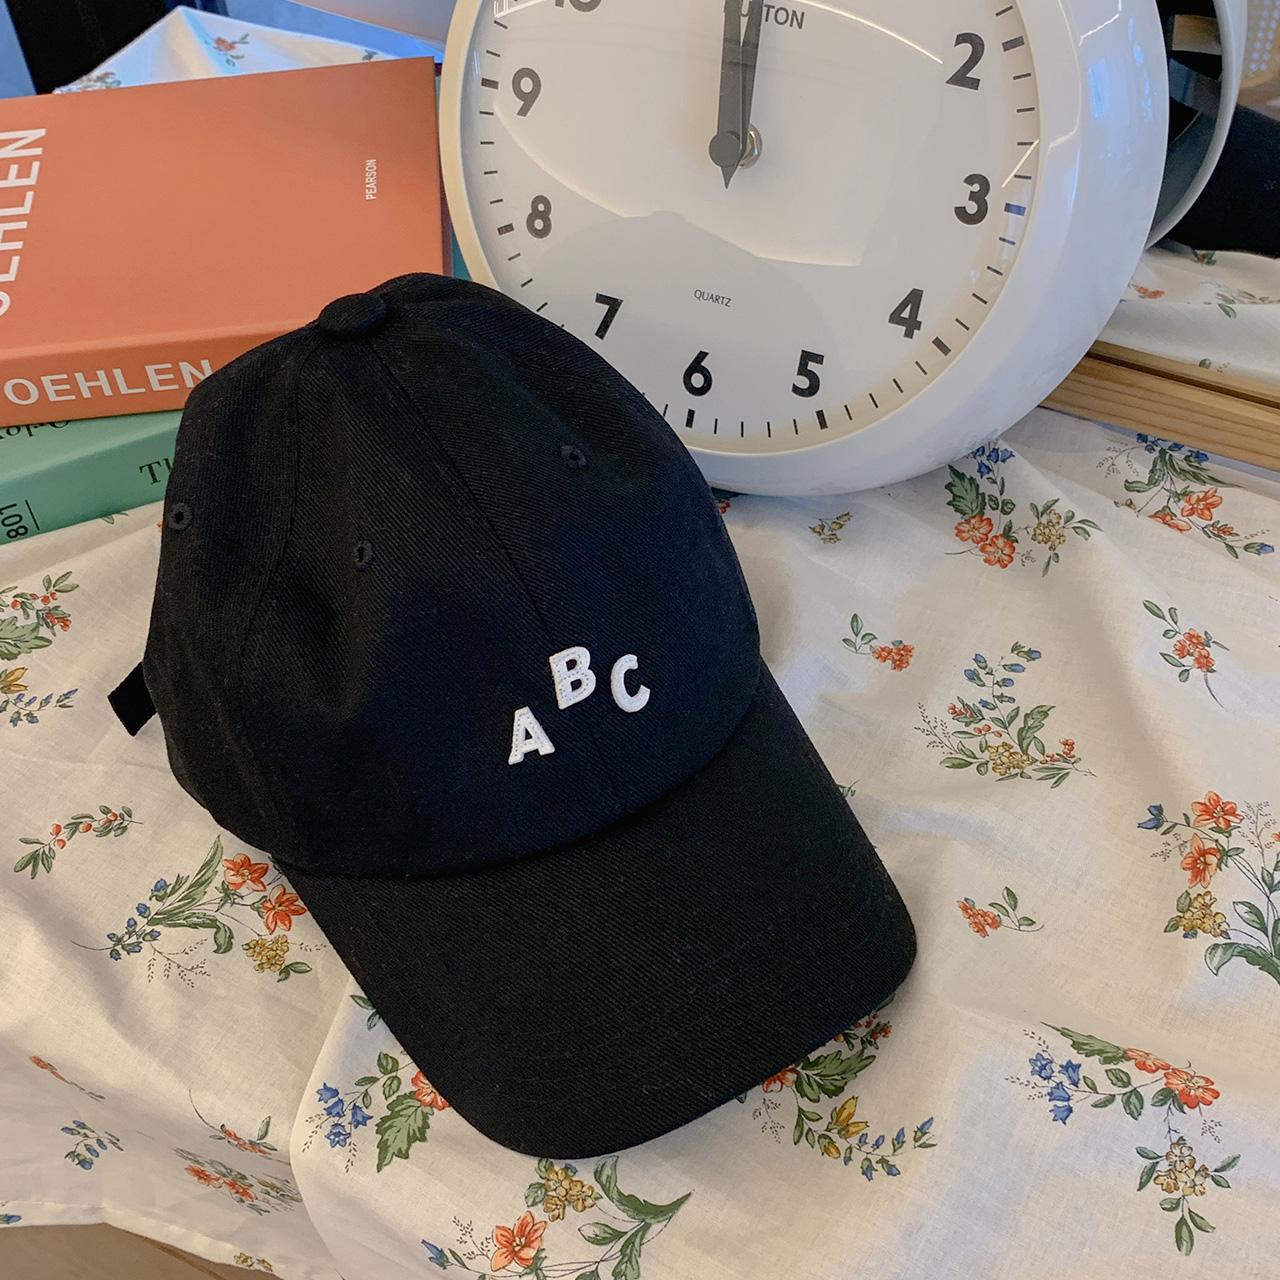 ABCカジュアルキャップ